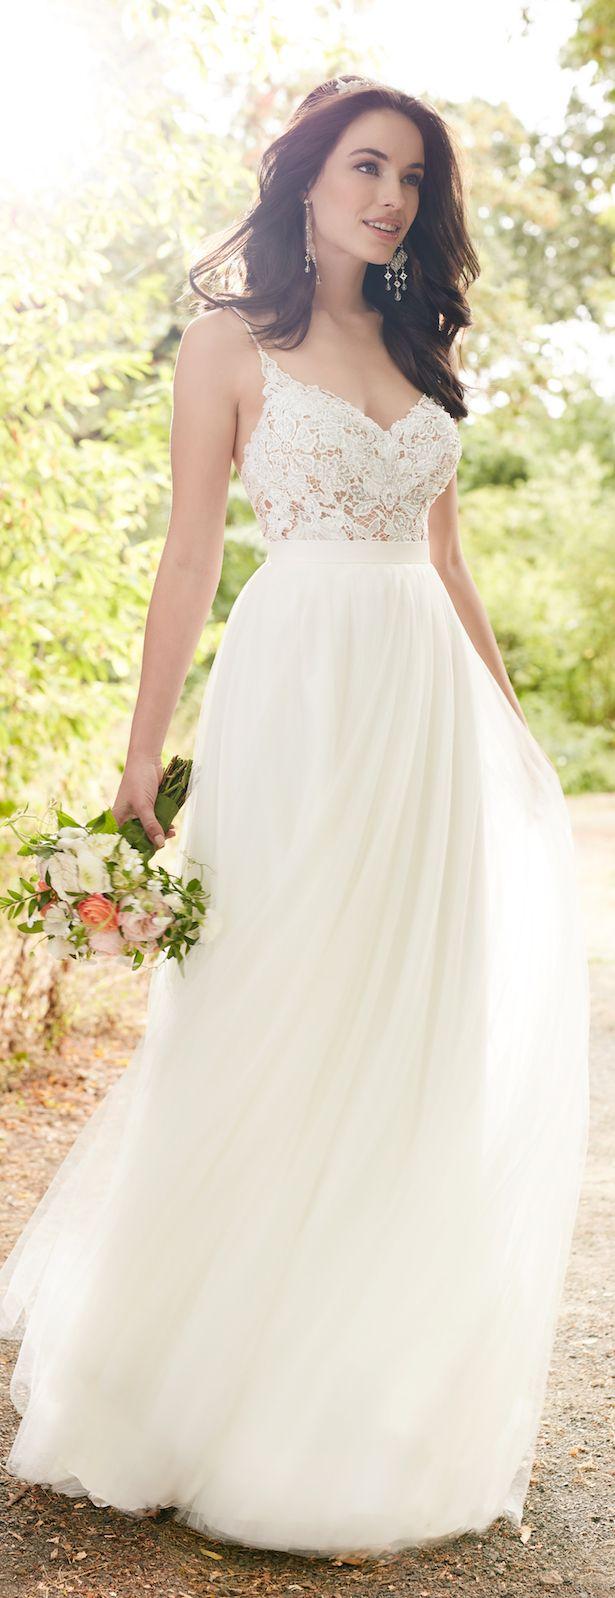 Corset Organza Wedding Dress By Camille La Vie | Strapless wedding ...